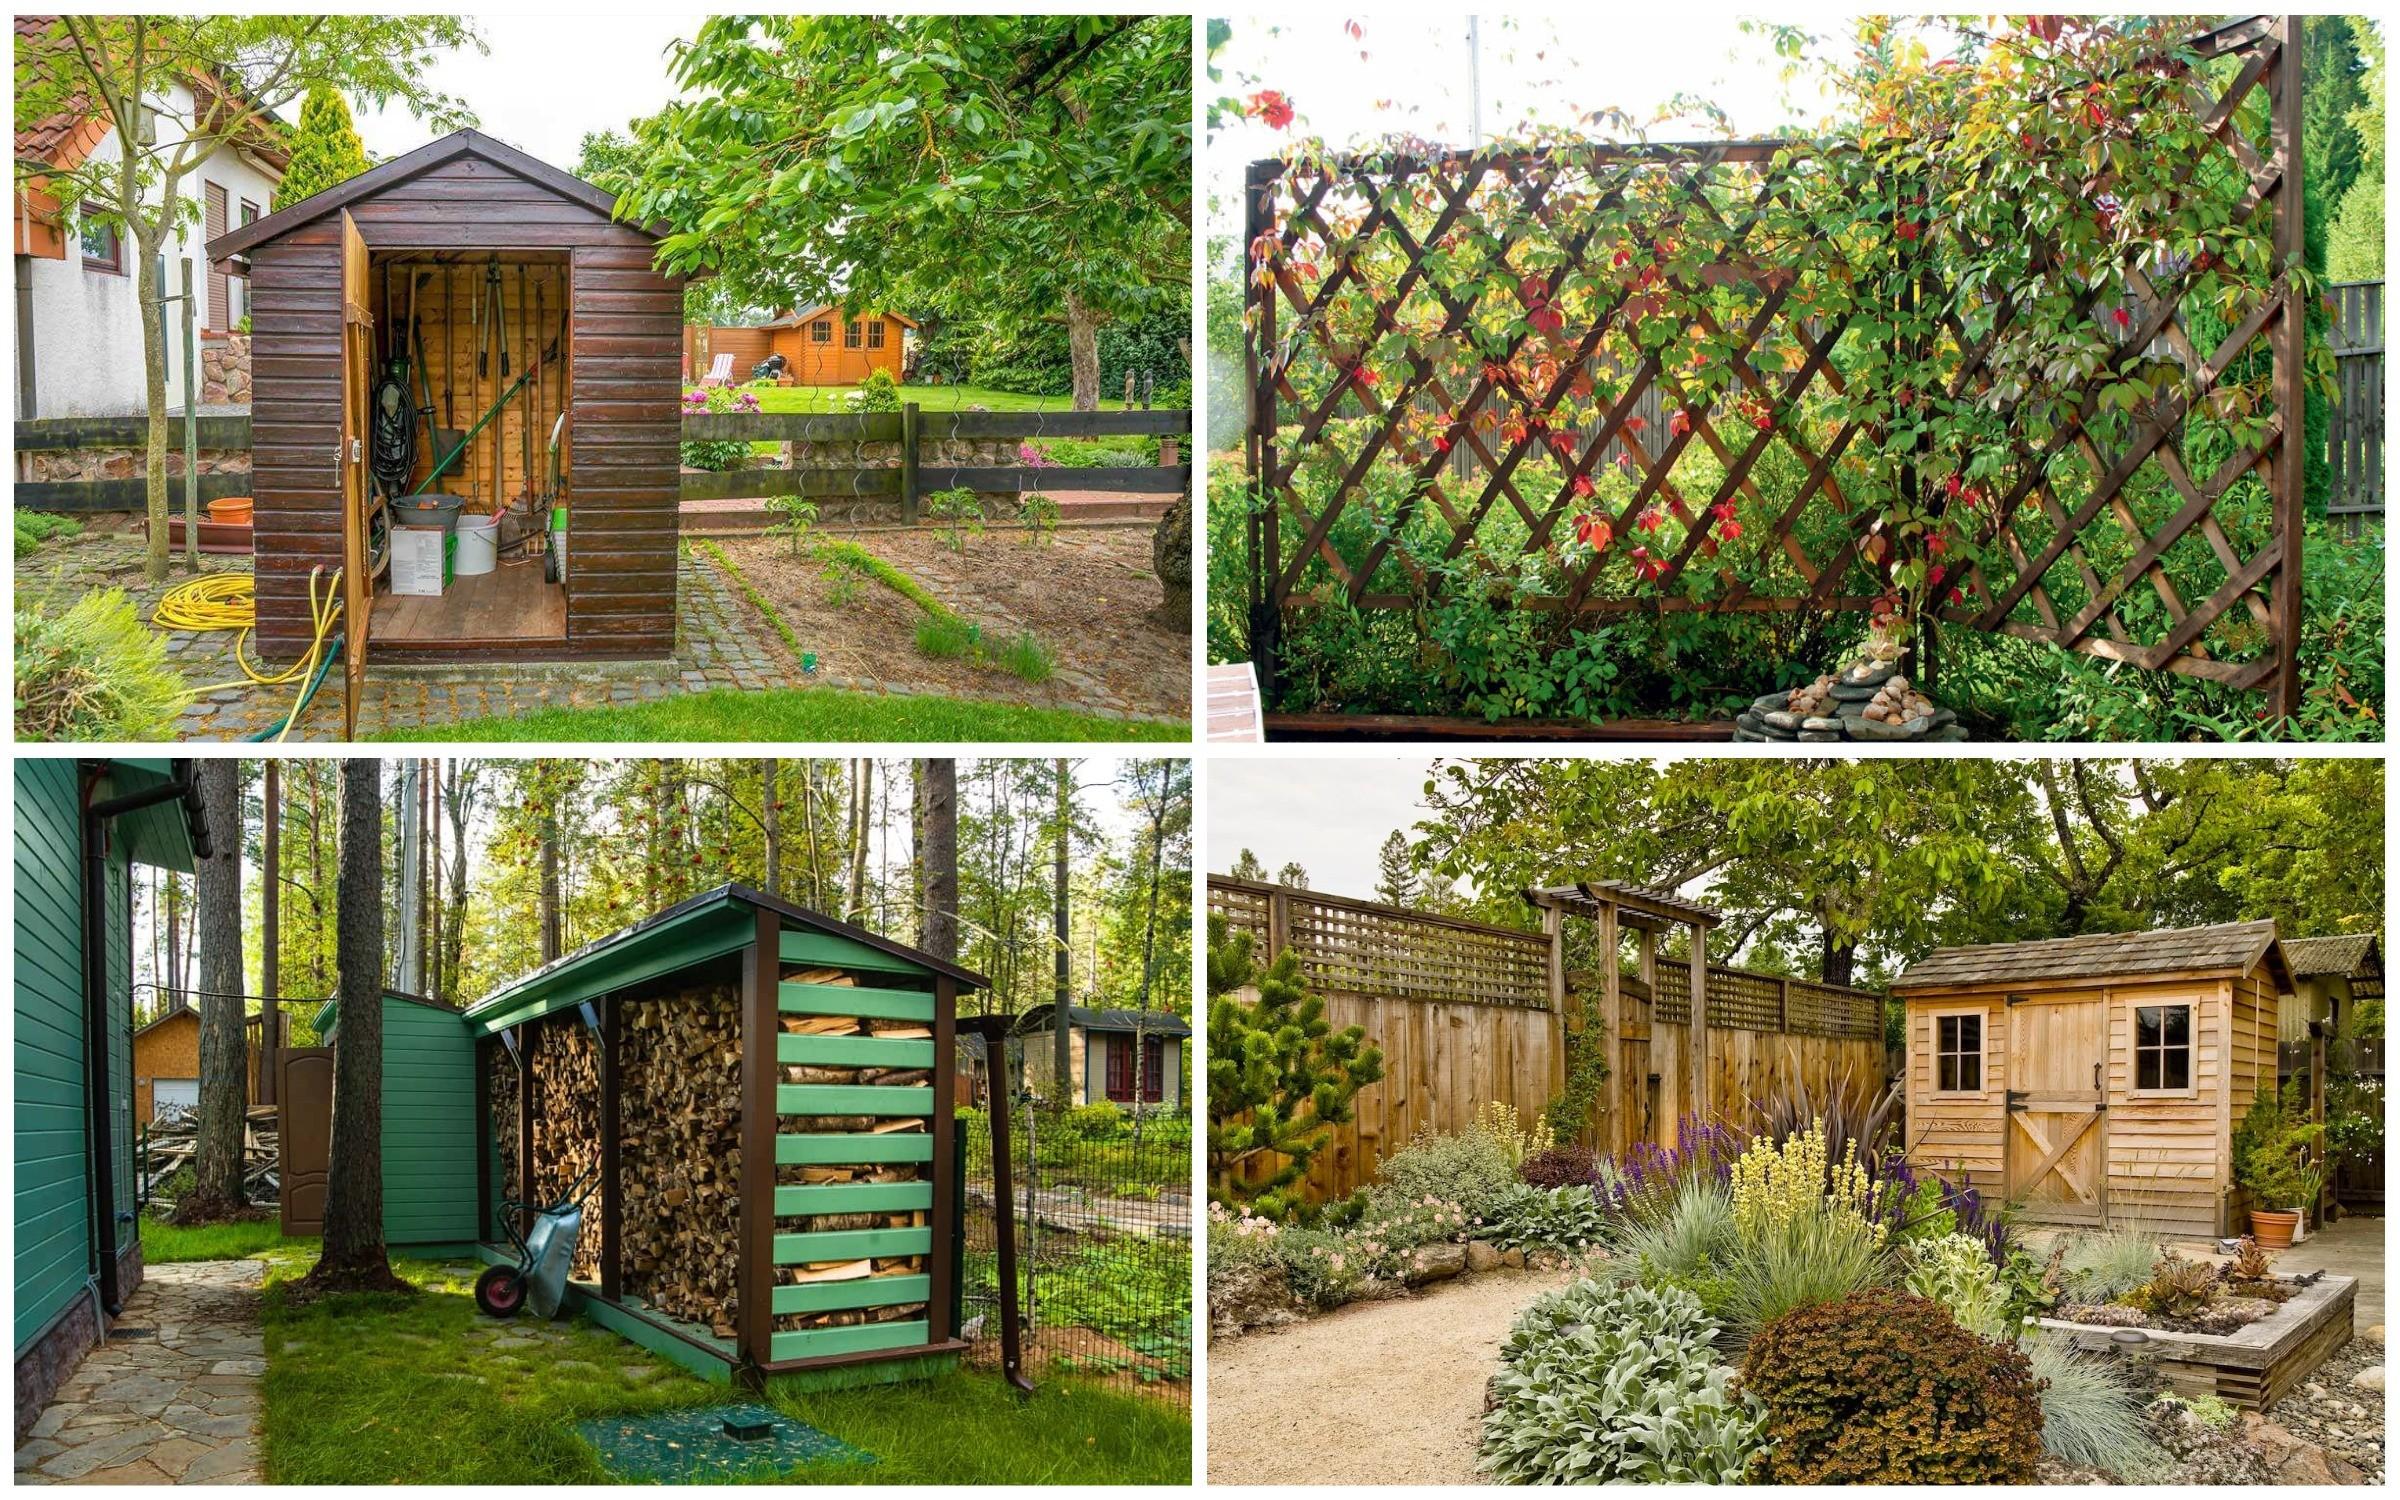 изображение хозяйственной зоны на садовом участке